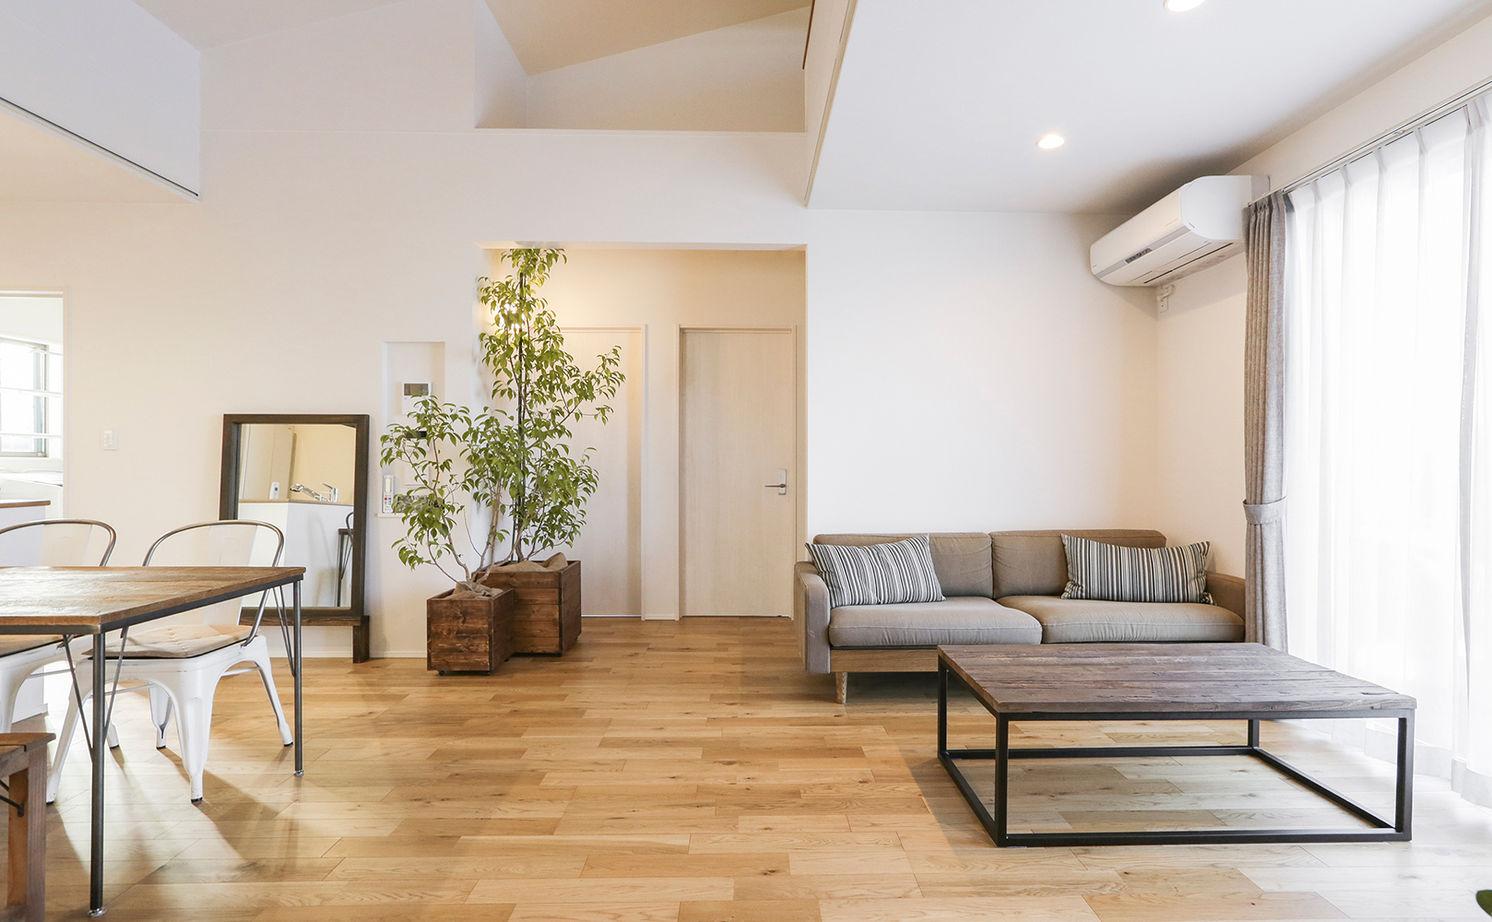 【平屋住宅×おしゃれ×1000万円台】空間を活かしたコンパクト設計のデザイナーズ住宅  間取り図画像2